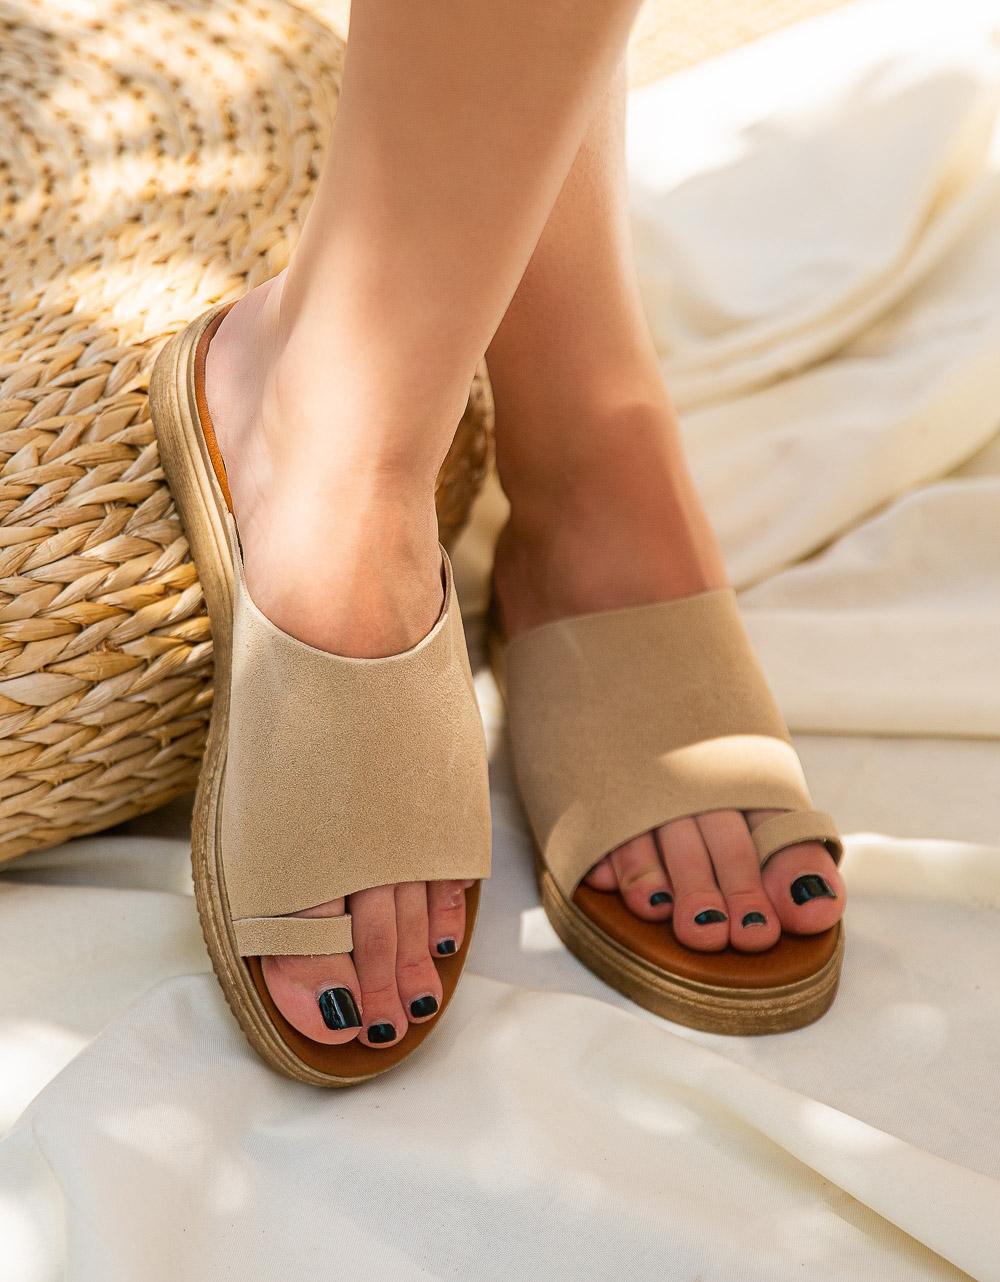 Εικόνα από Γυναικεία σανδάλια από γνήσιο δέρμα με φαρδιά φάσα Μπεζ